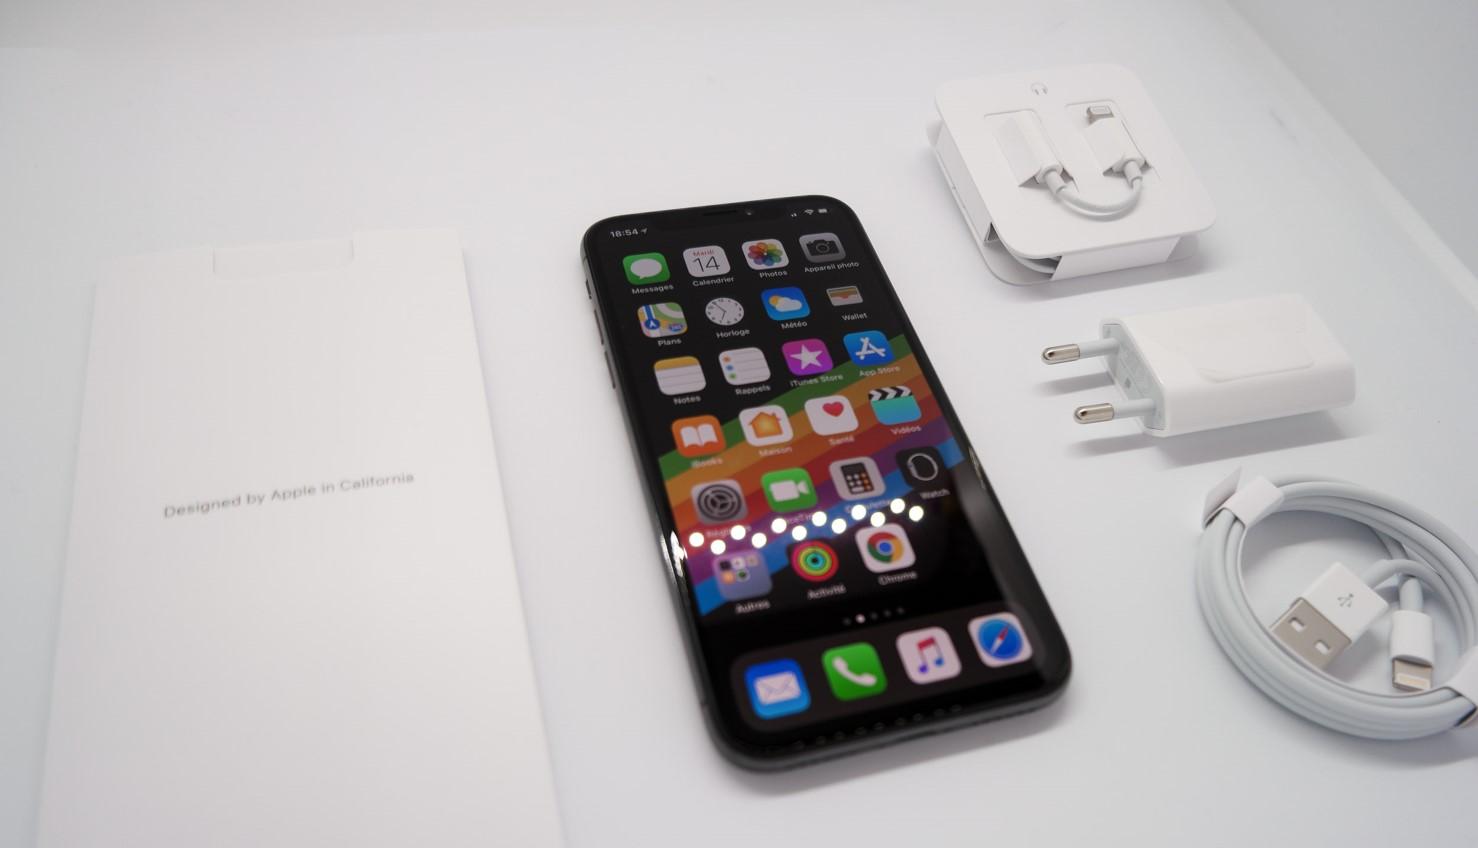 promotion spéciale le plus fiable Quantité limitée Les meilleurs accessoires iPhone à la Réunion - Microstor